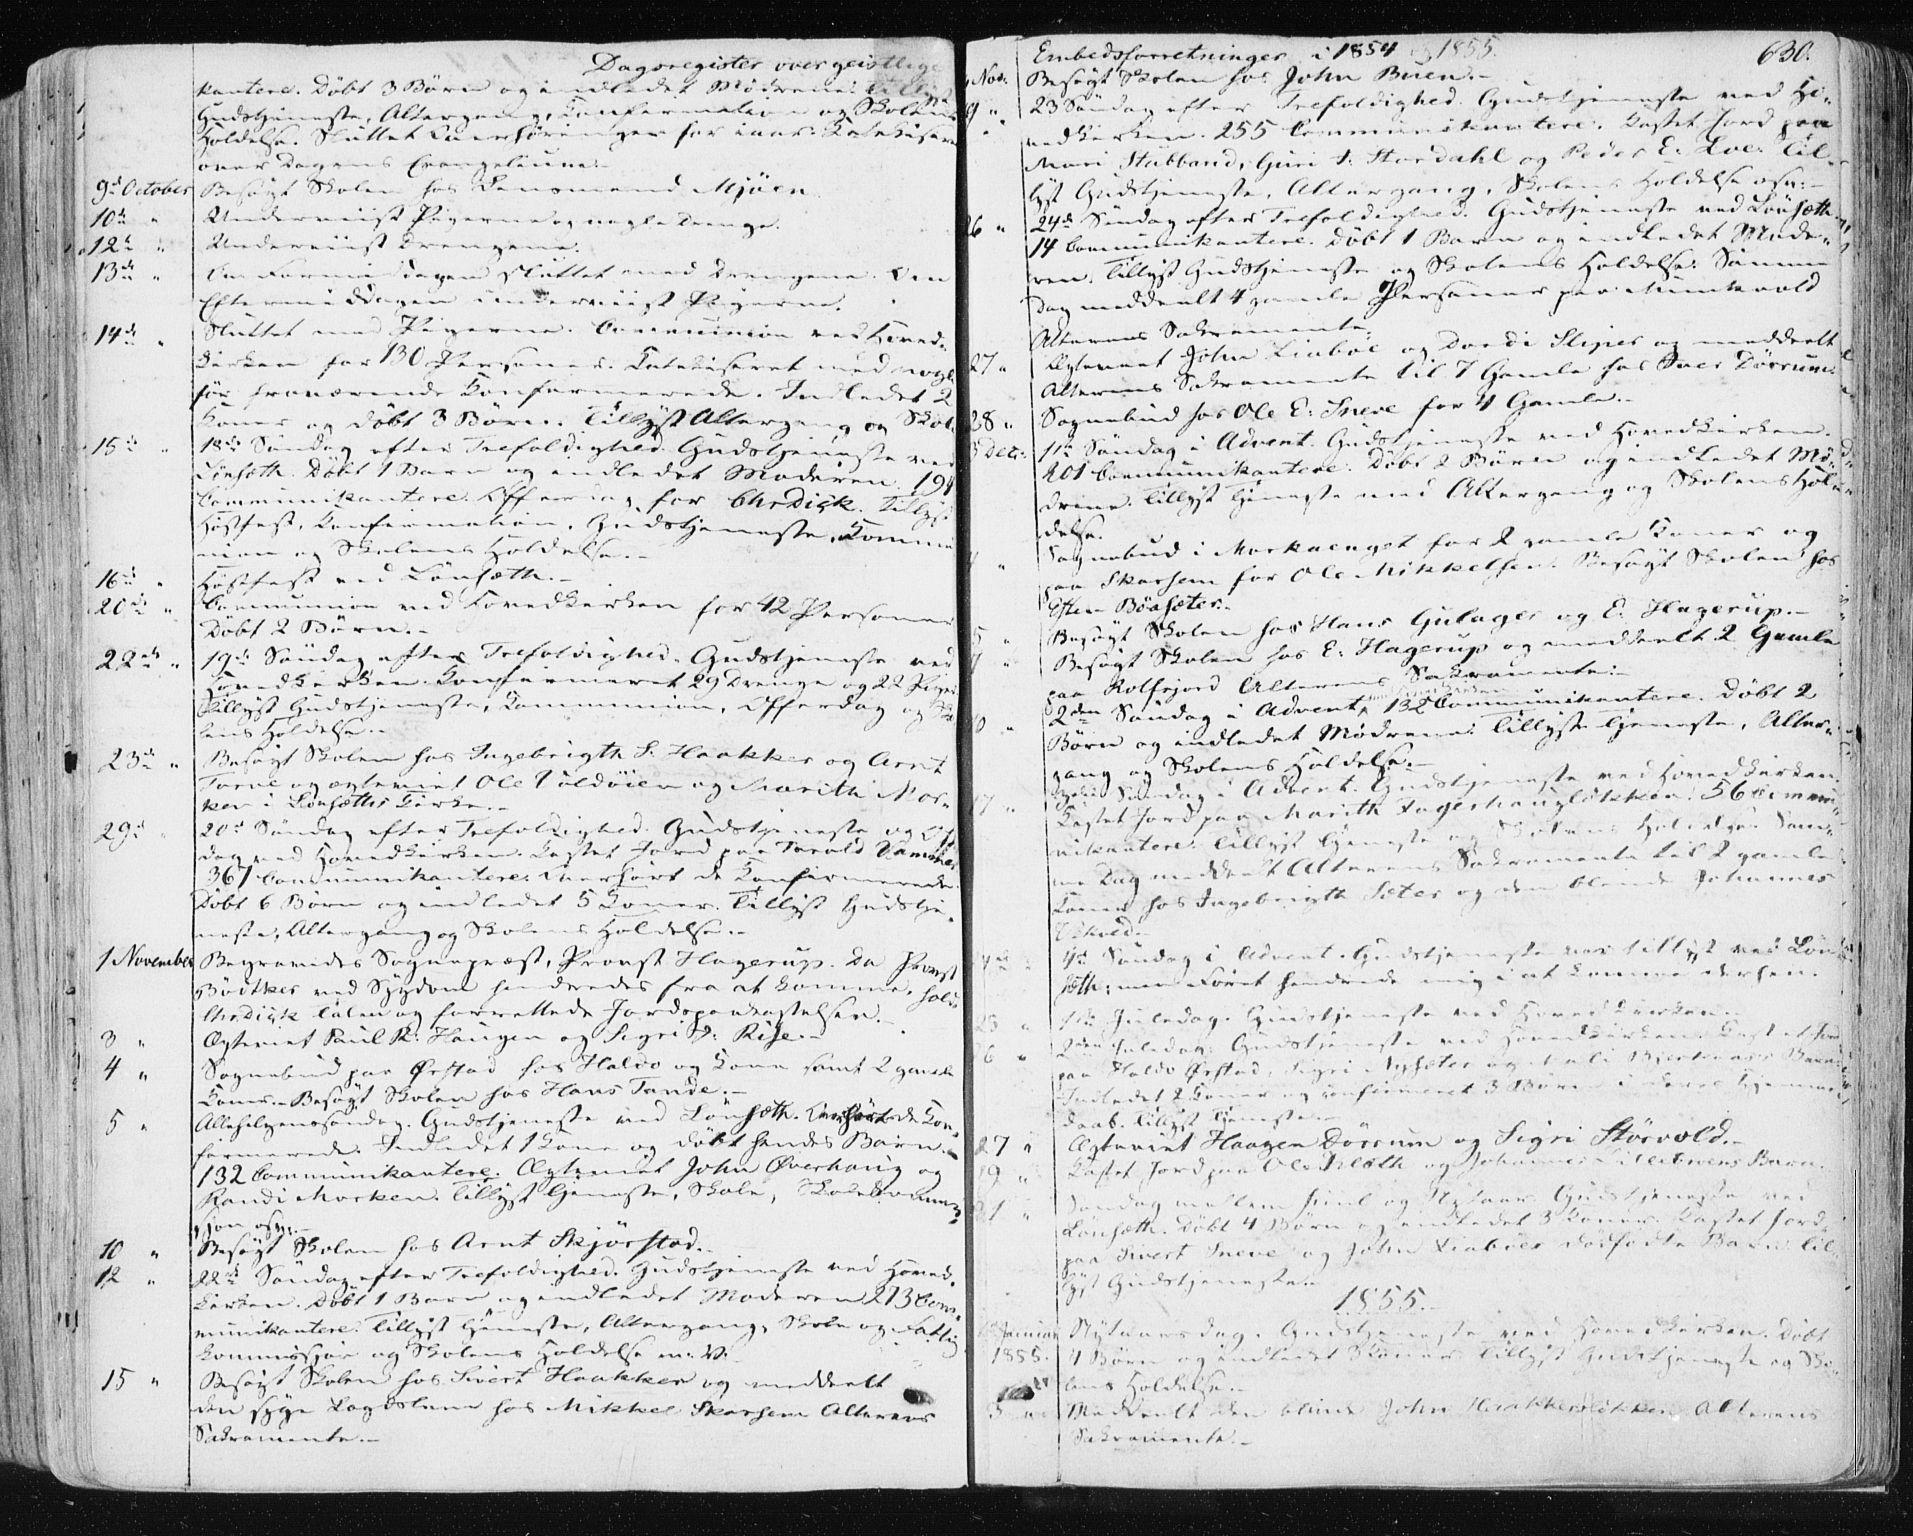 SAT, Ministerialprotokoller, klokkerbøker og fødselsregistre - Sør-Trøndelag, 678/L0899: Ministerialbok nr. 678A08, 1848-1872, s. 630